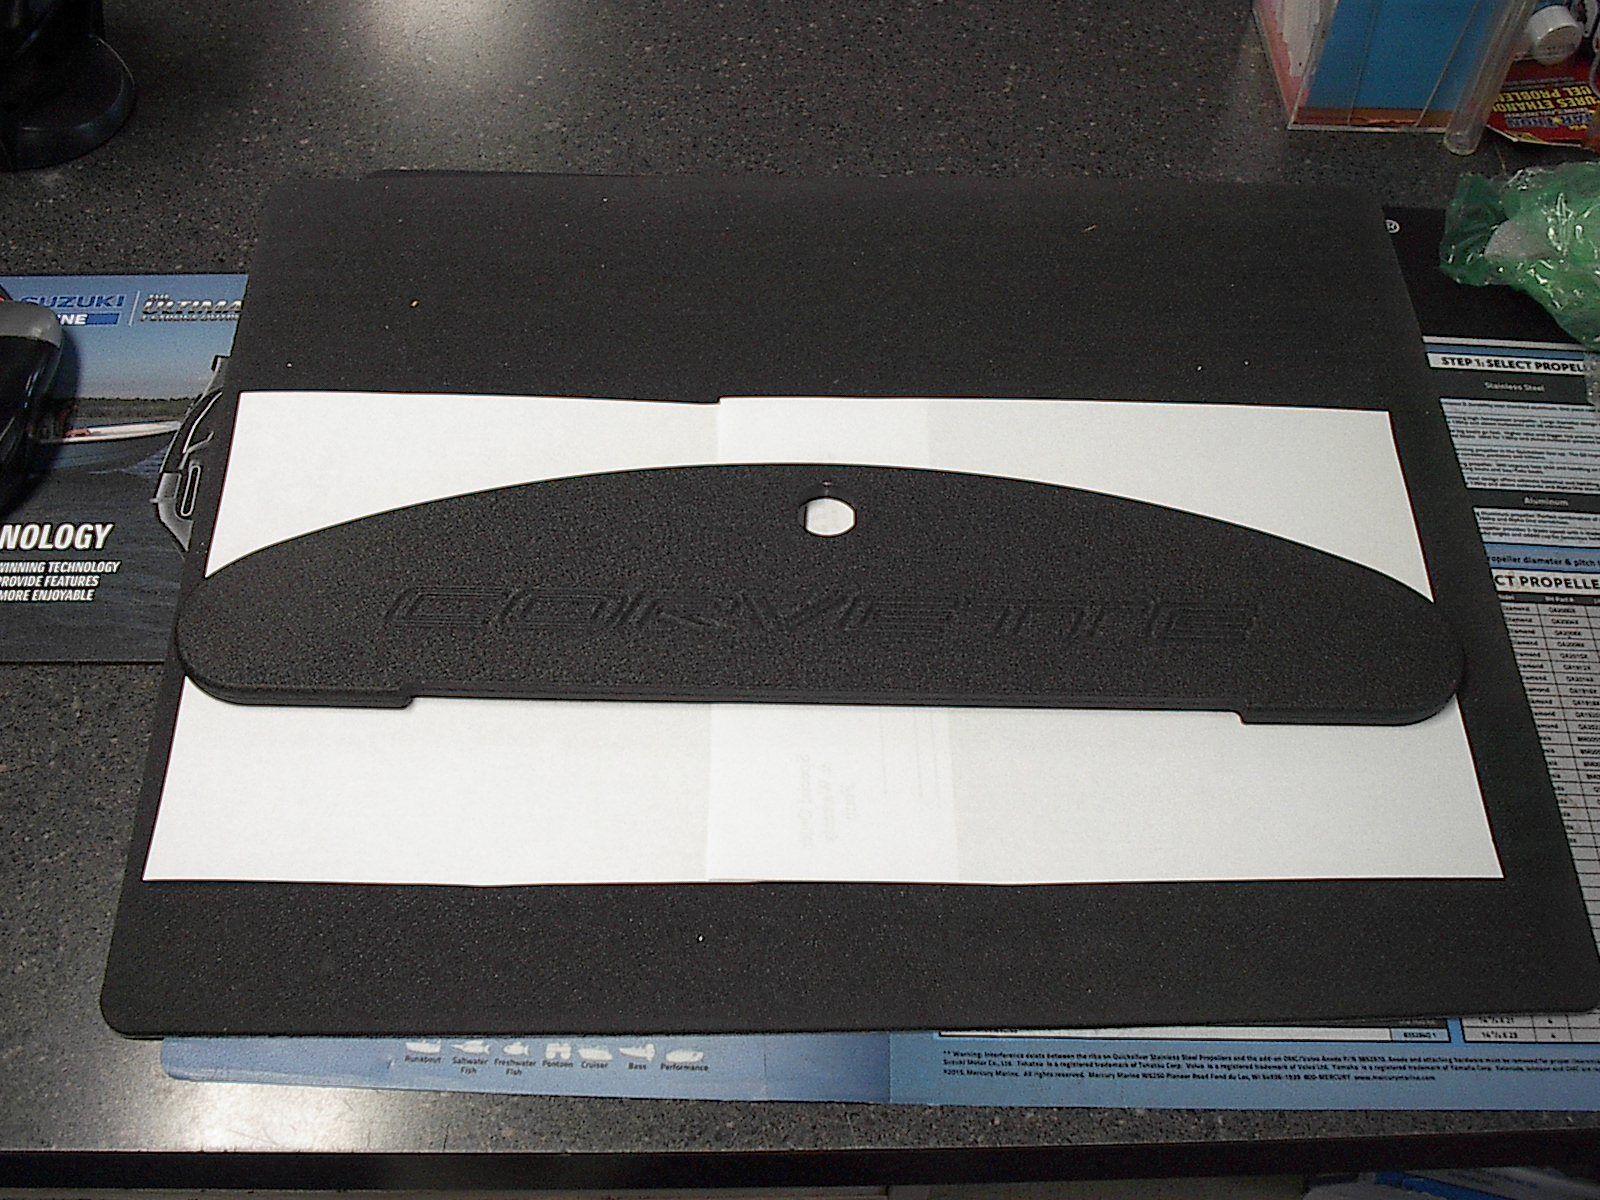 Handschuhfach Tür für eine Malibu, Corvette Limited Edition Ski Stiefel